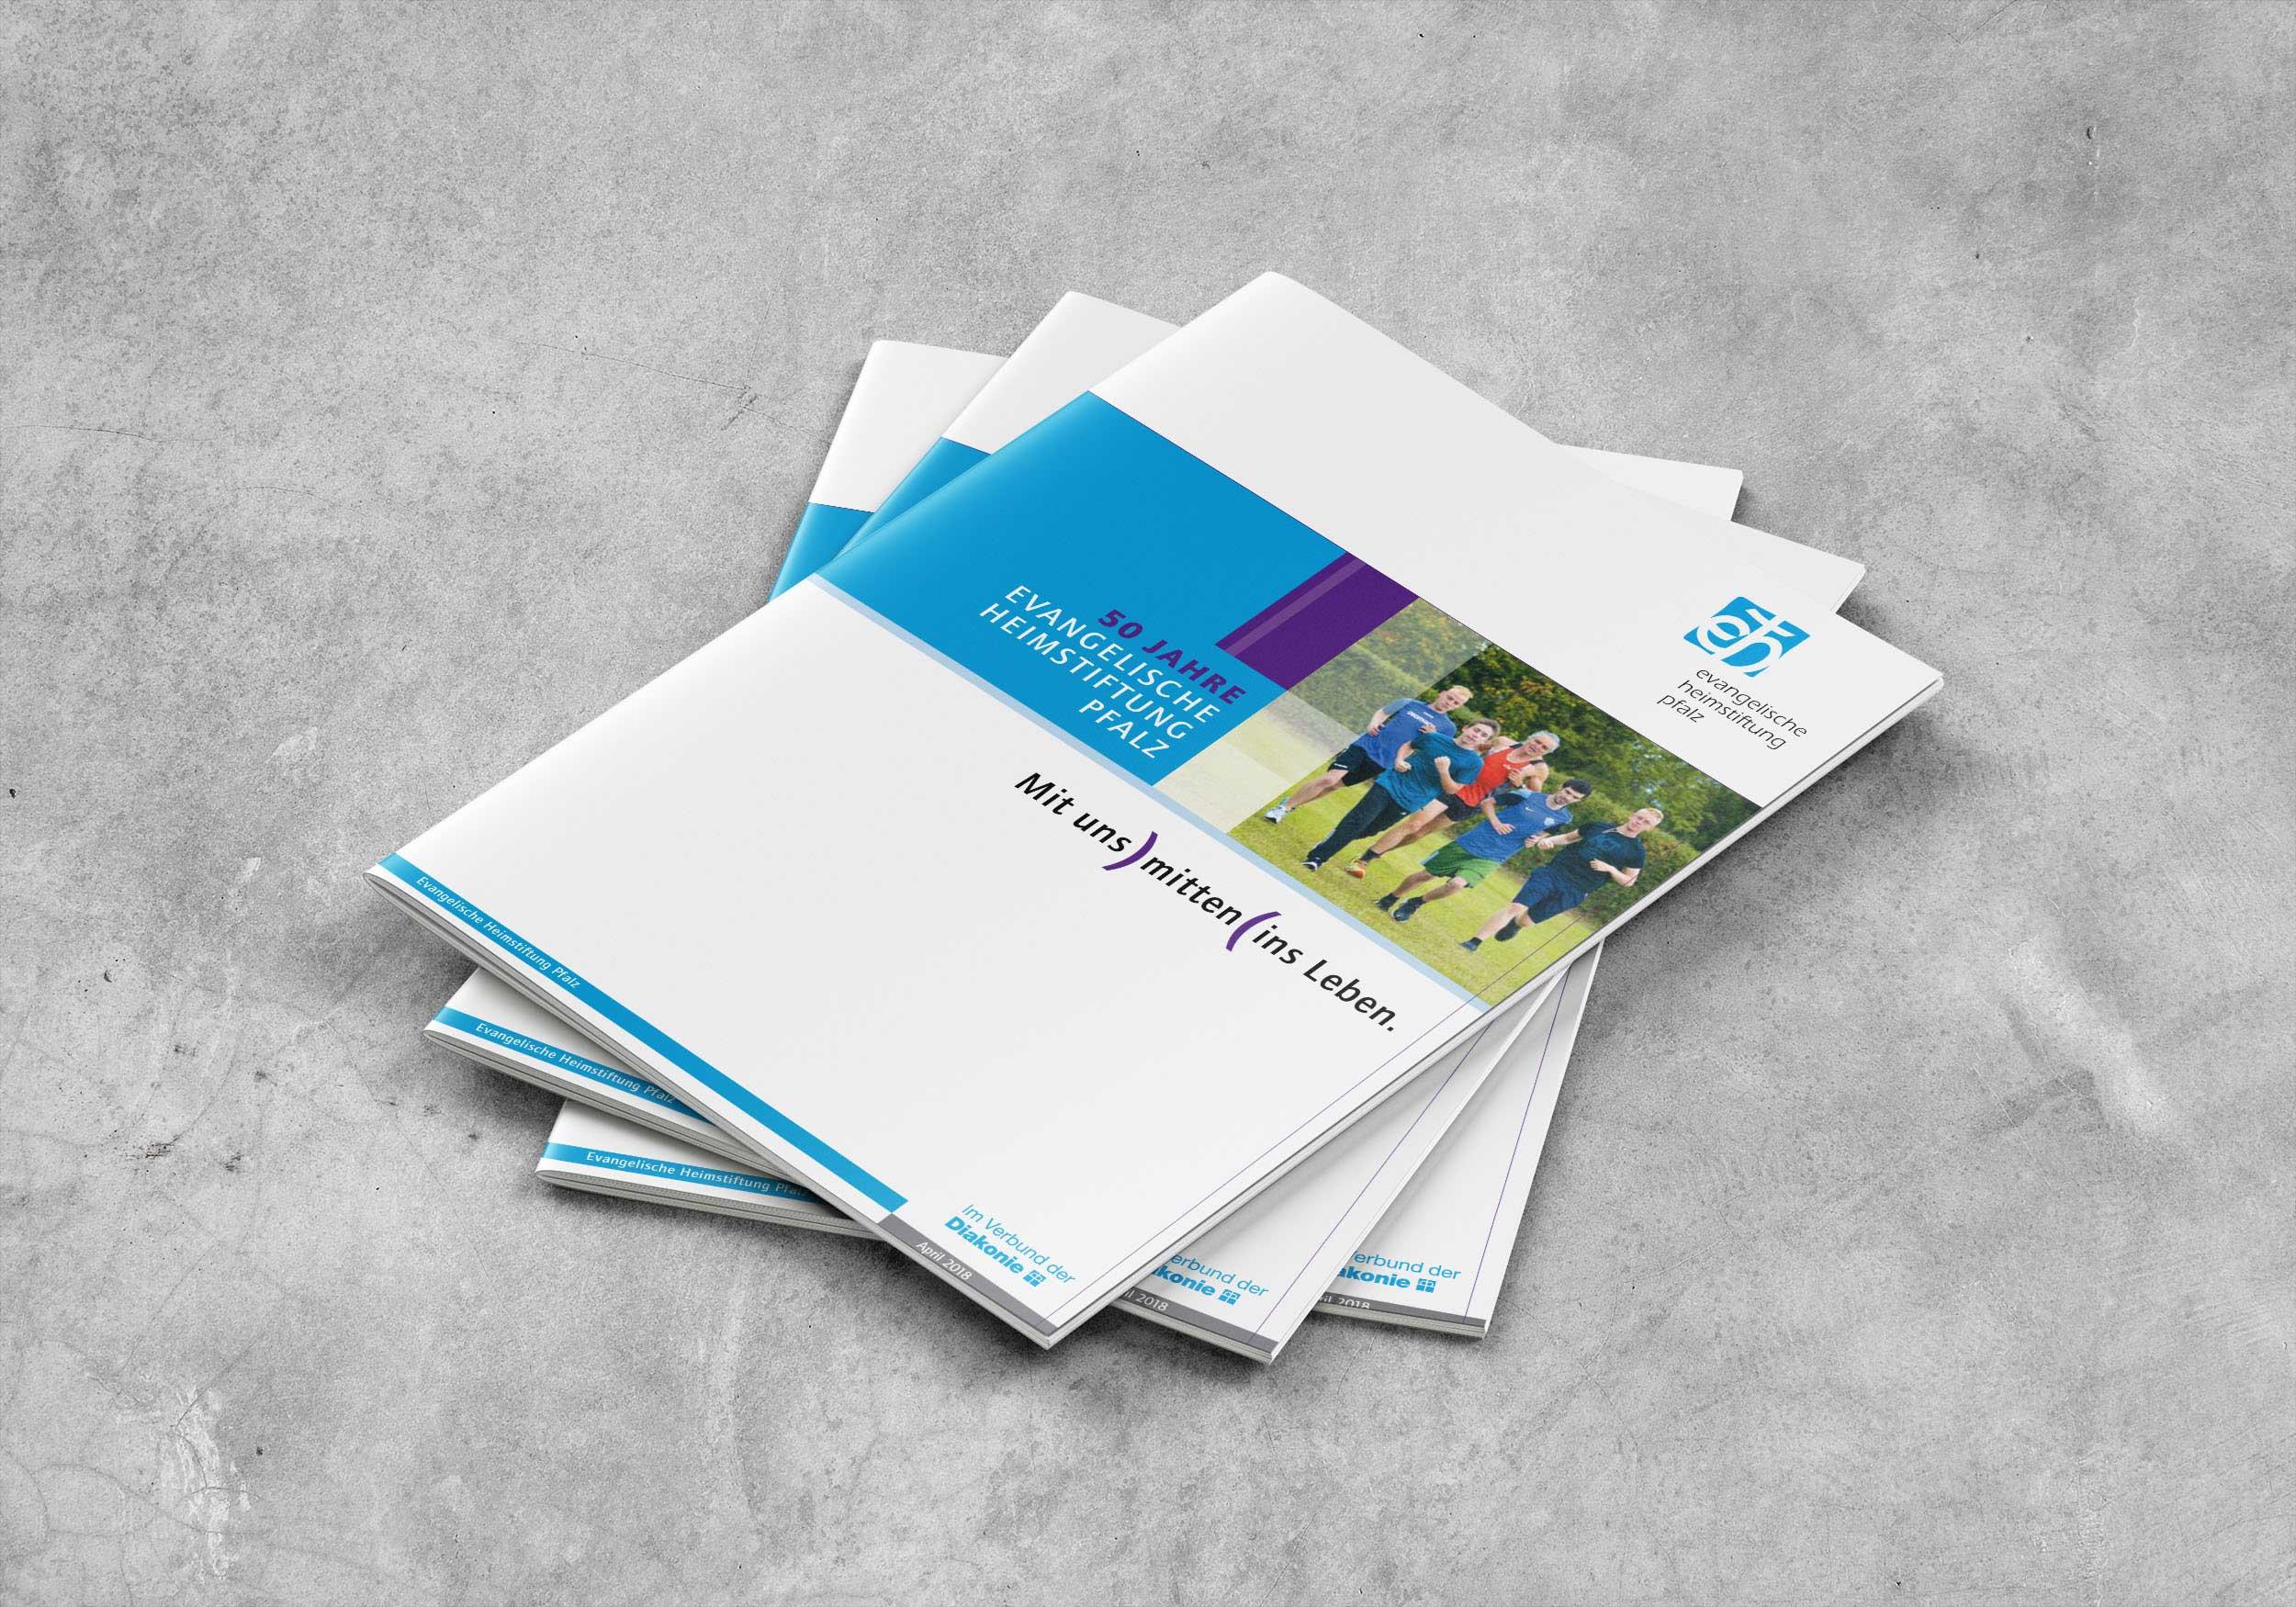 Festschrift 50 Jahre   Evangelische Heimstiftung Pfalz  Design/Content